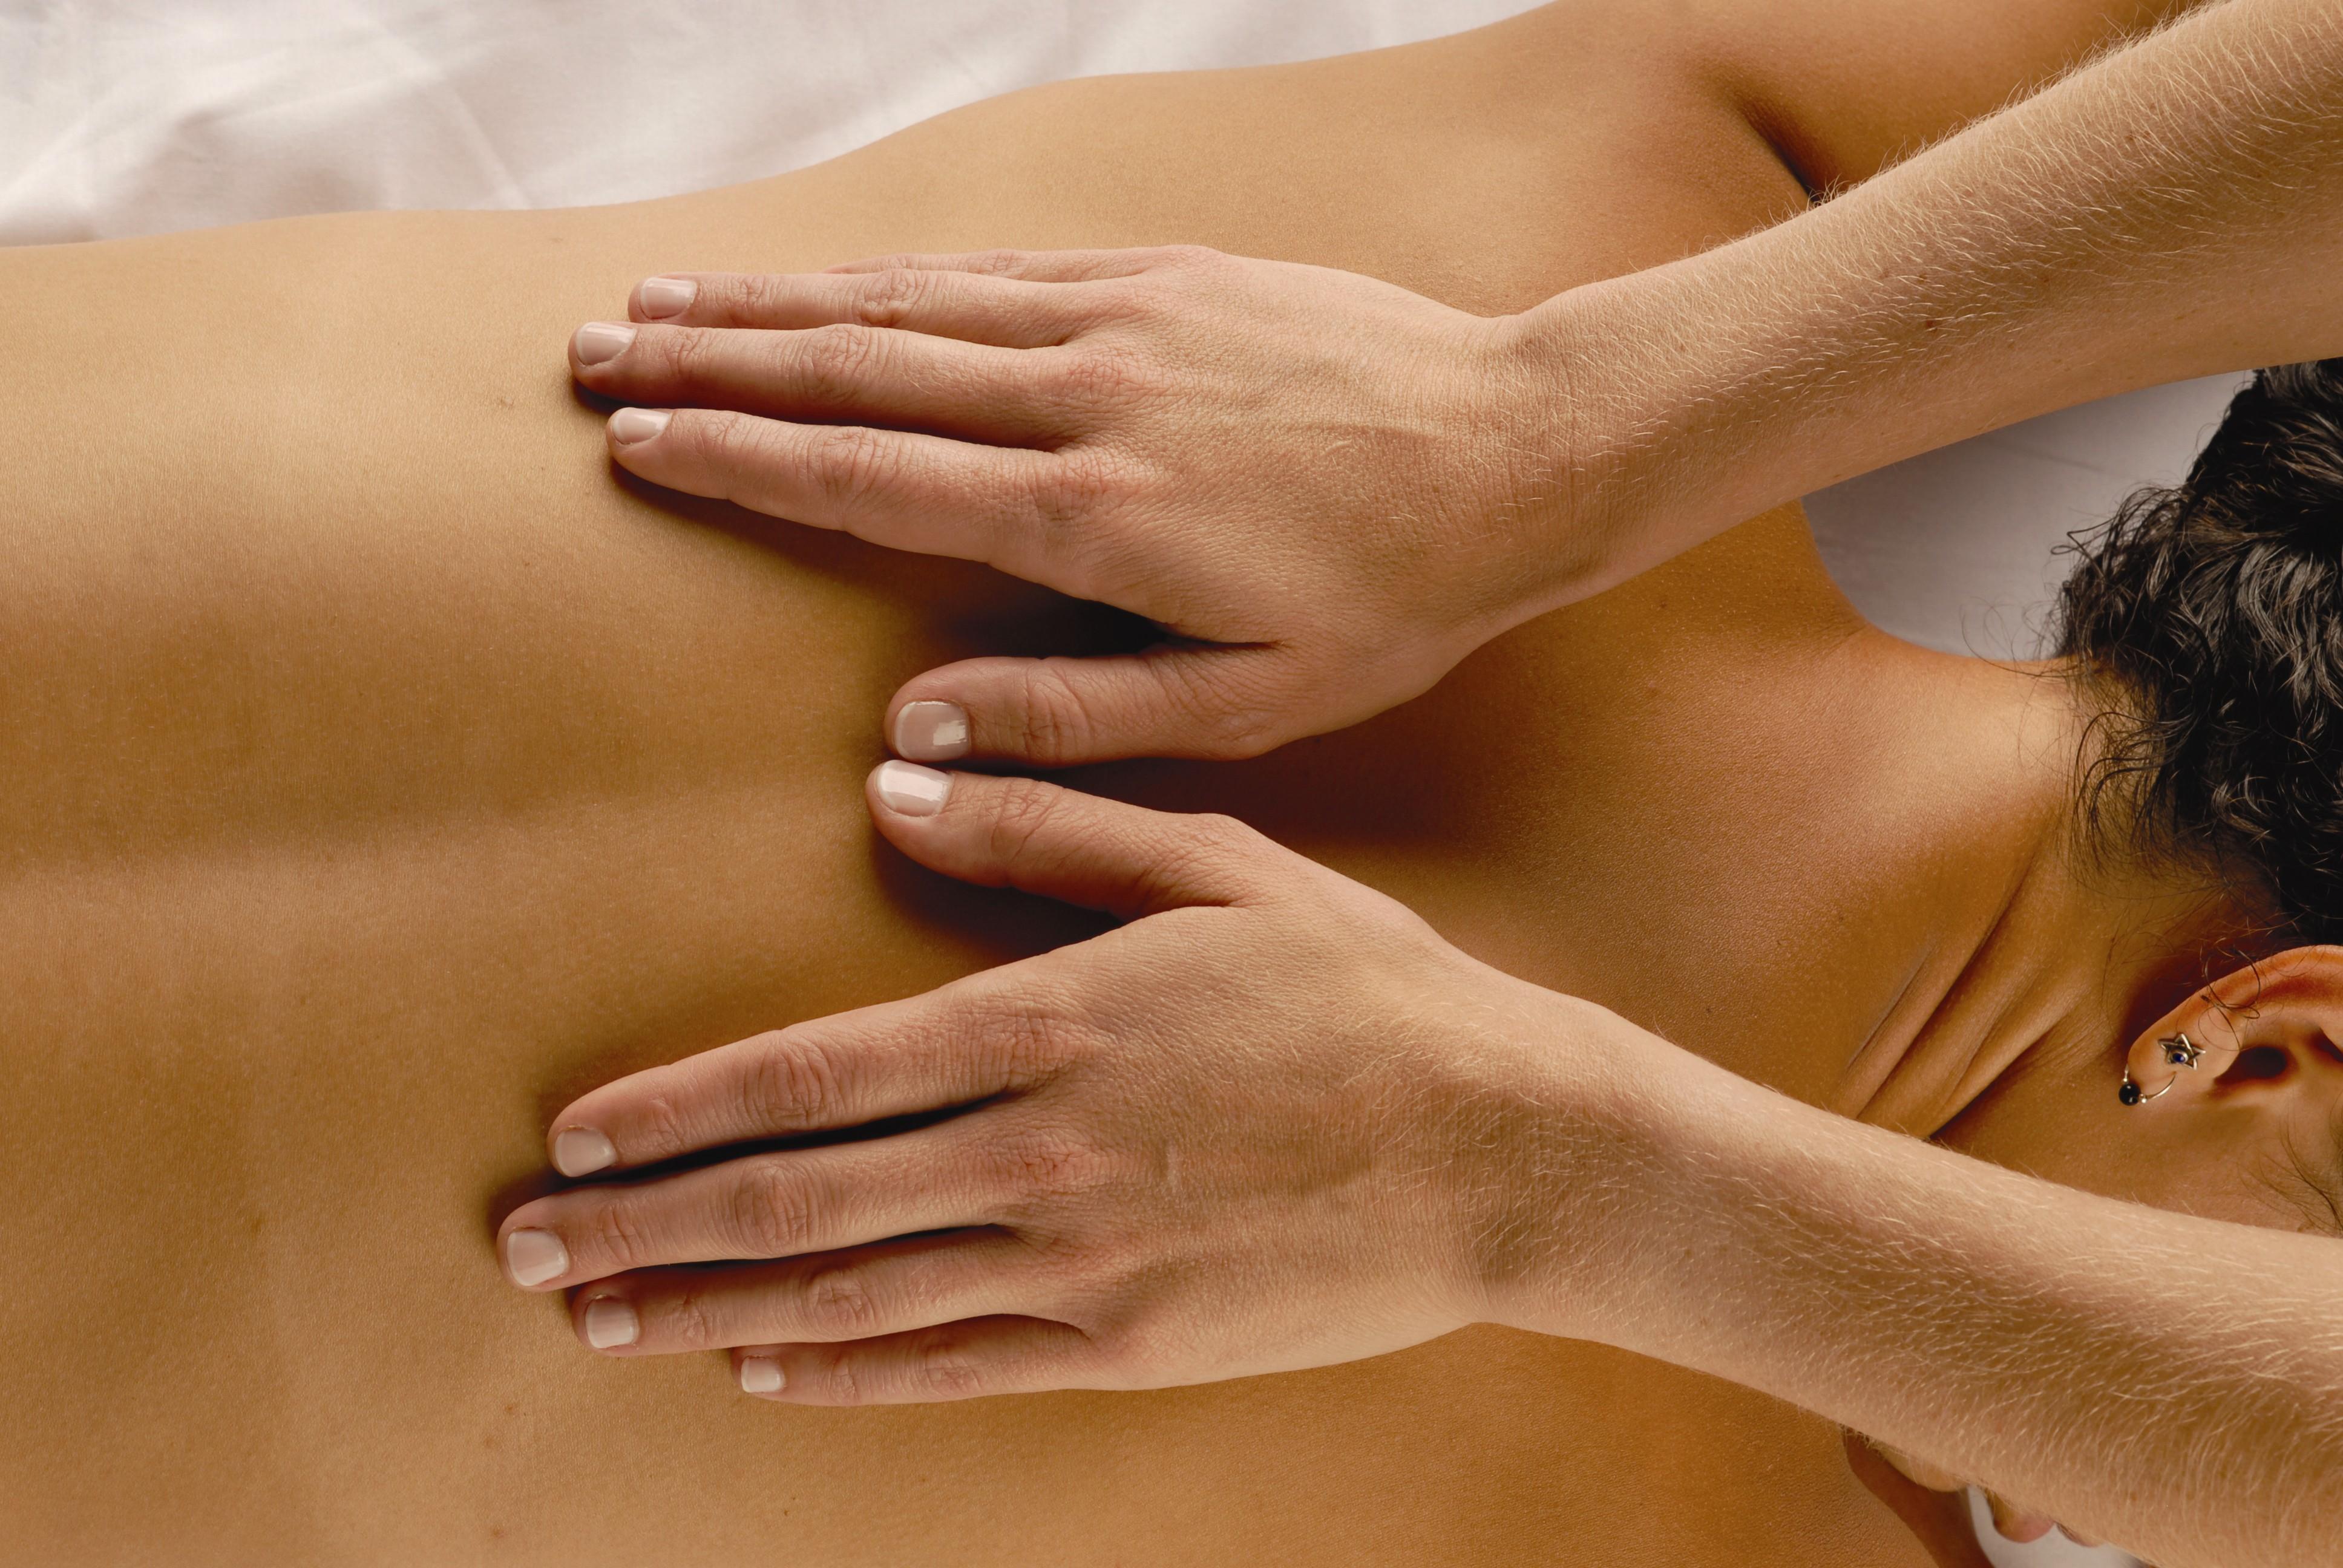 therapeutic massage therapeutical